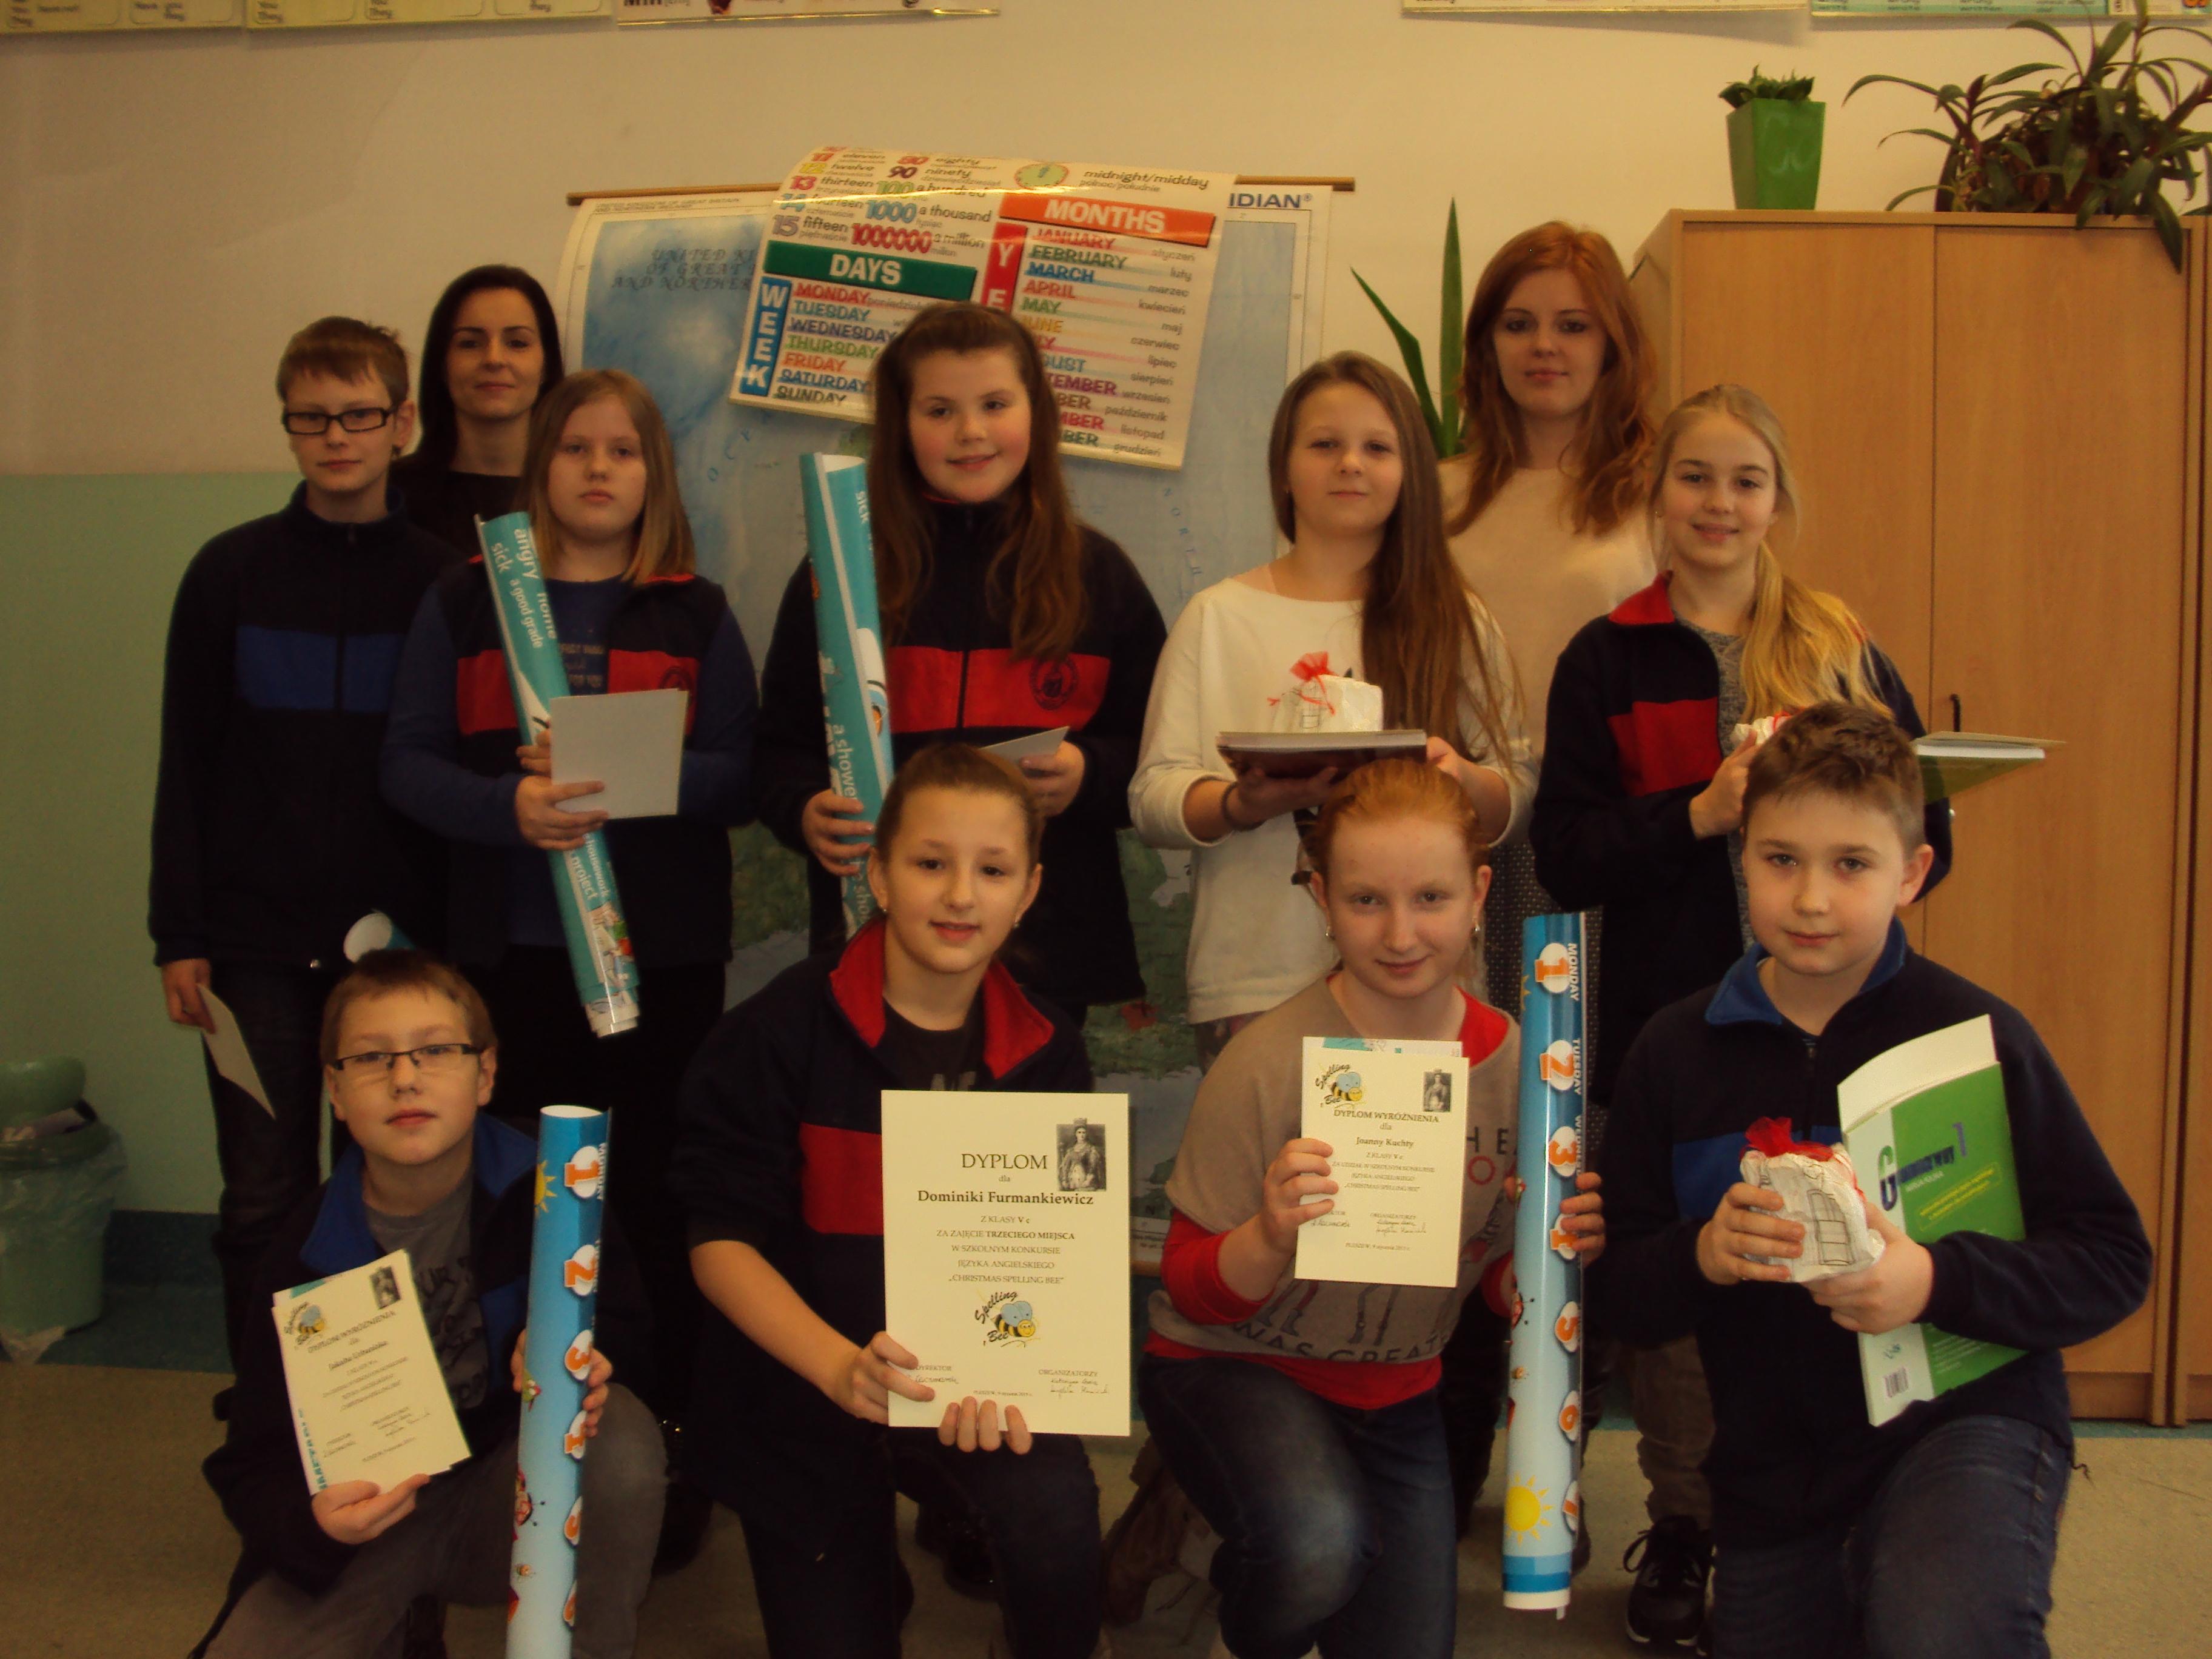 Christmas spelling bee competition, czyli świąteczny konkurs literowania – ciąg dalszy